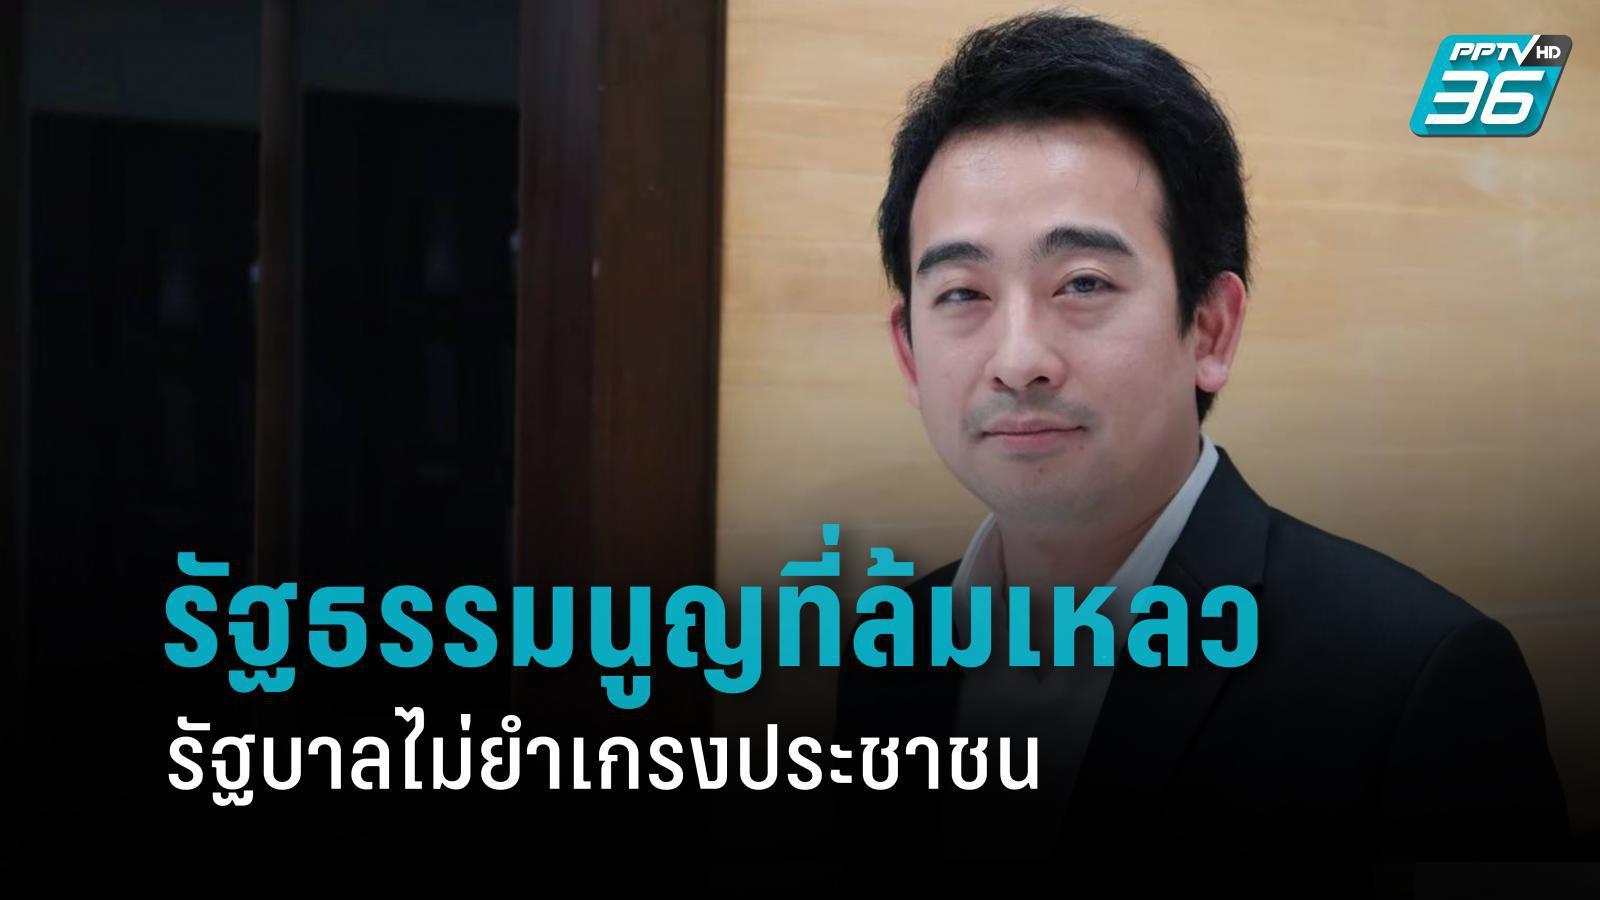 """""""เพื่อไทย"""" ซัด รบ.กล้าซื้อเรือดำน้ำ เพราะรัฐธรรมนูญที่ล้มเหลว"""